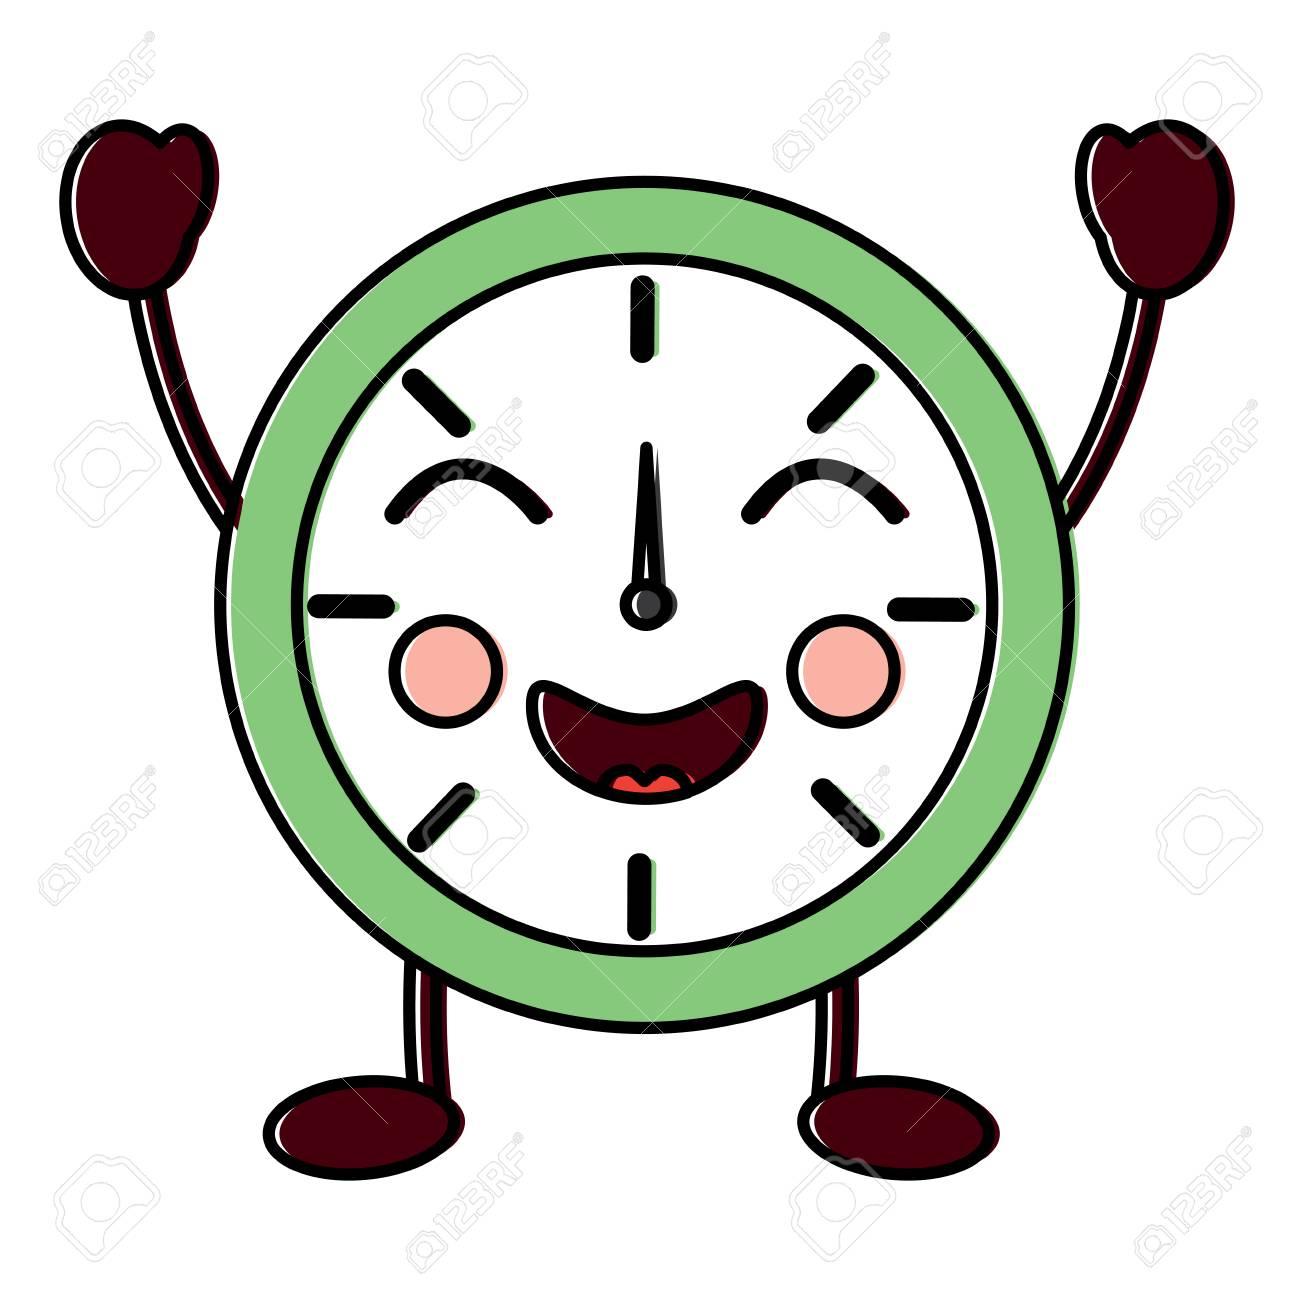 Ilustración Animados Cómic Reloj Diseño Carácter Dibujos Vectorial De Alarma shrBQxtdC